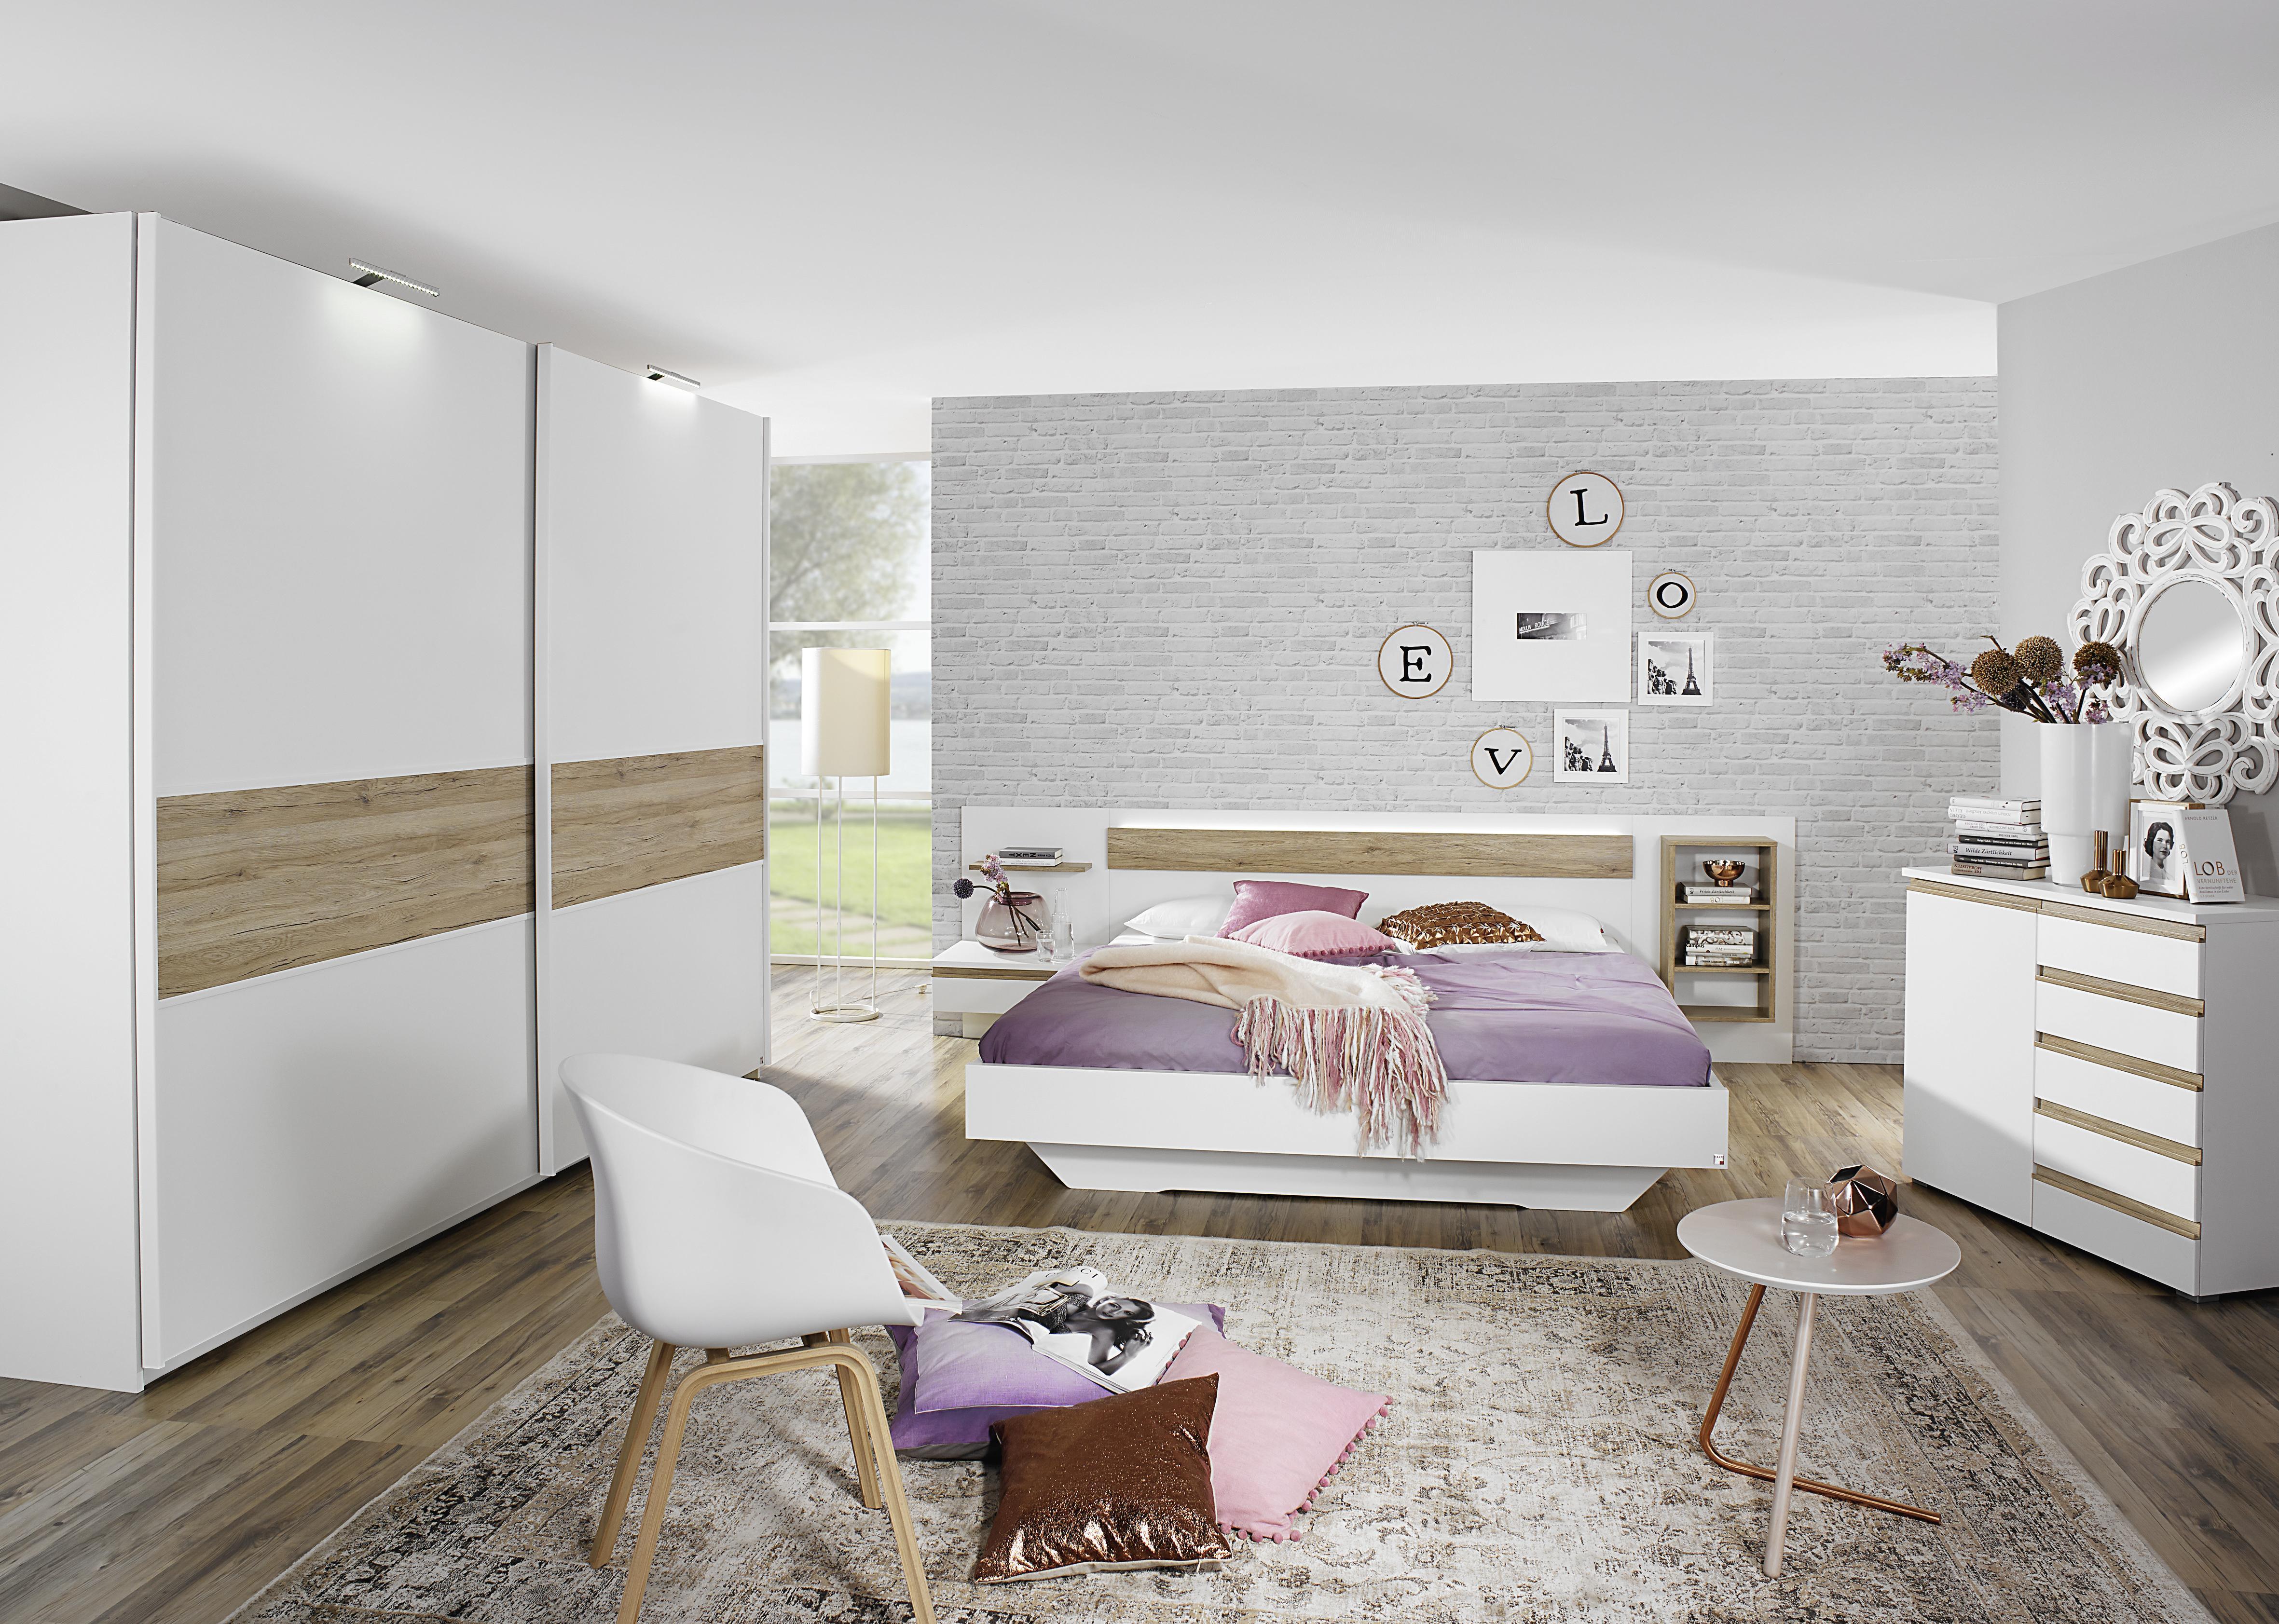 200x200 bett mara von rauch dialog alpinwei eiche sanremo hell. Black Bedroom Furniture Sets. Home Design Ideas